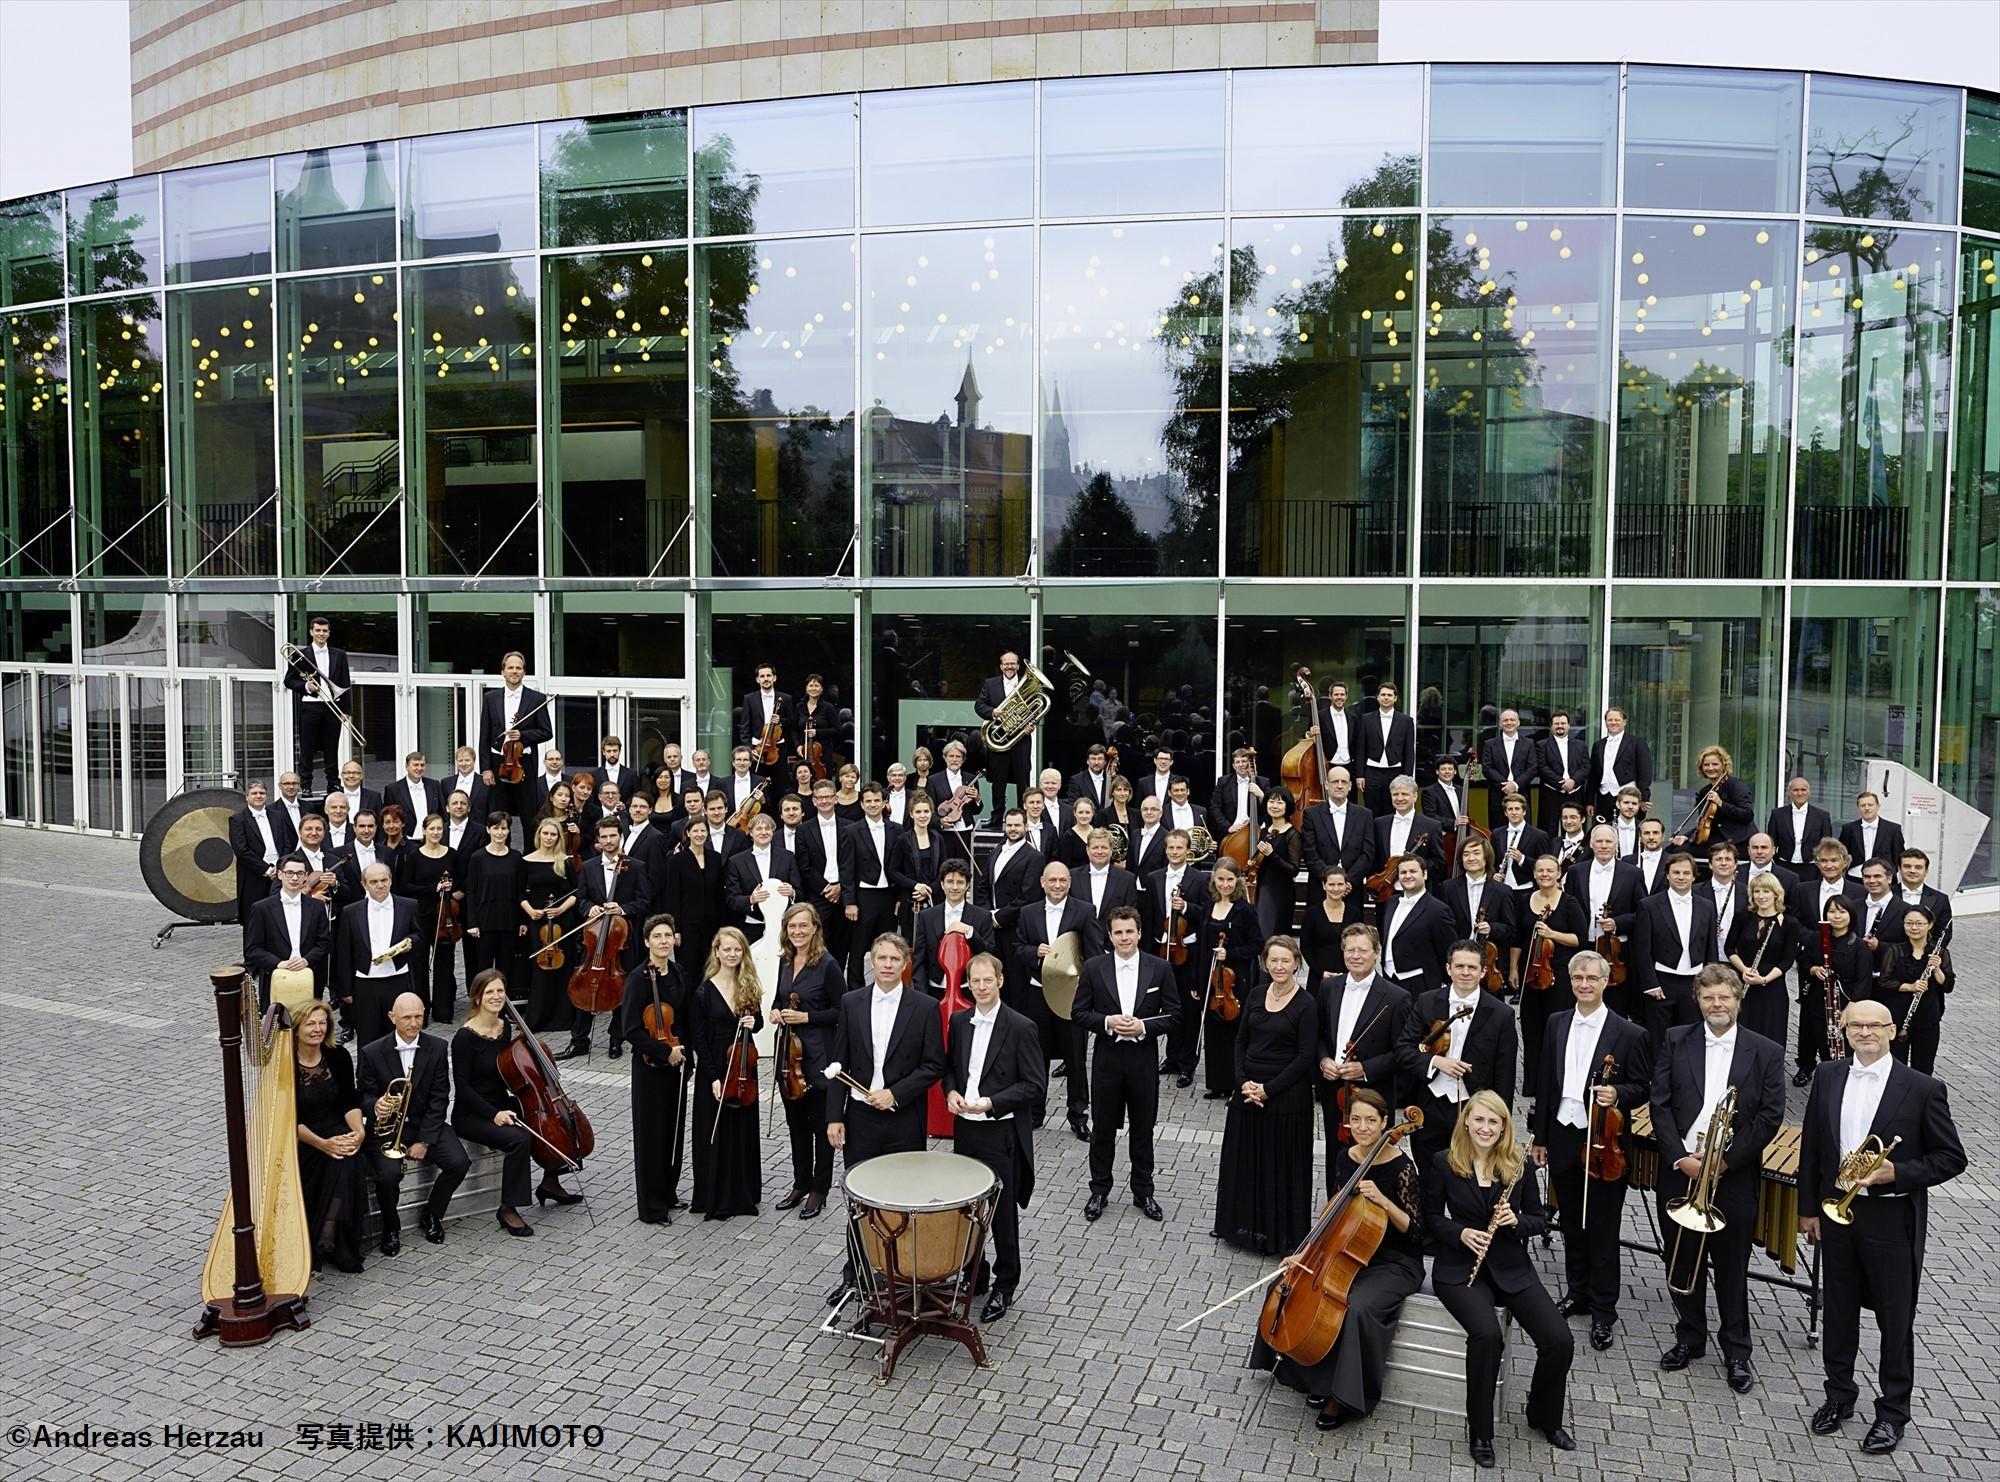 【私のお気に入りシリーズ 】第2回 田代俊文教授「バンベルク交響楽団」